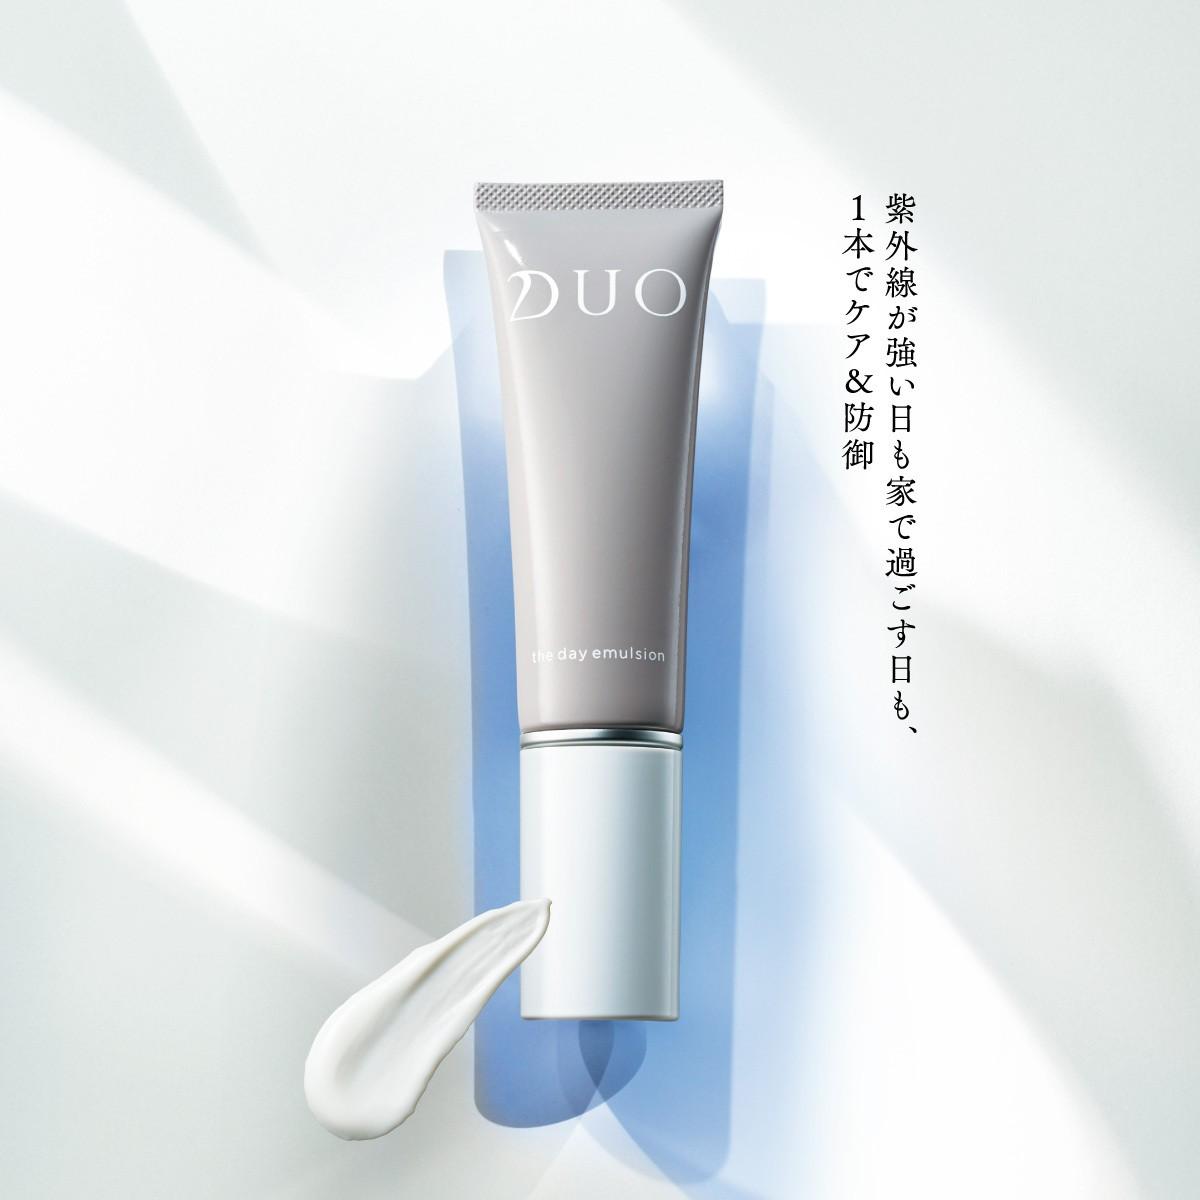 クレンジングバームから火がつき大人気ブランドへ DUOが向き合う「エイジングケア※1の本質」_4